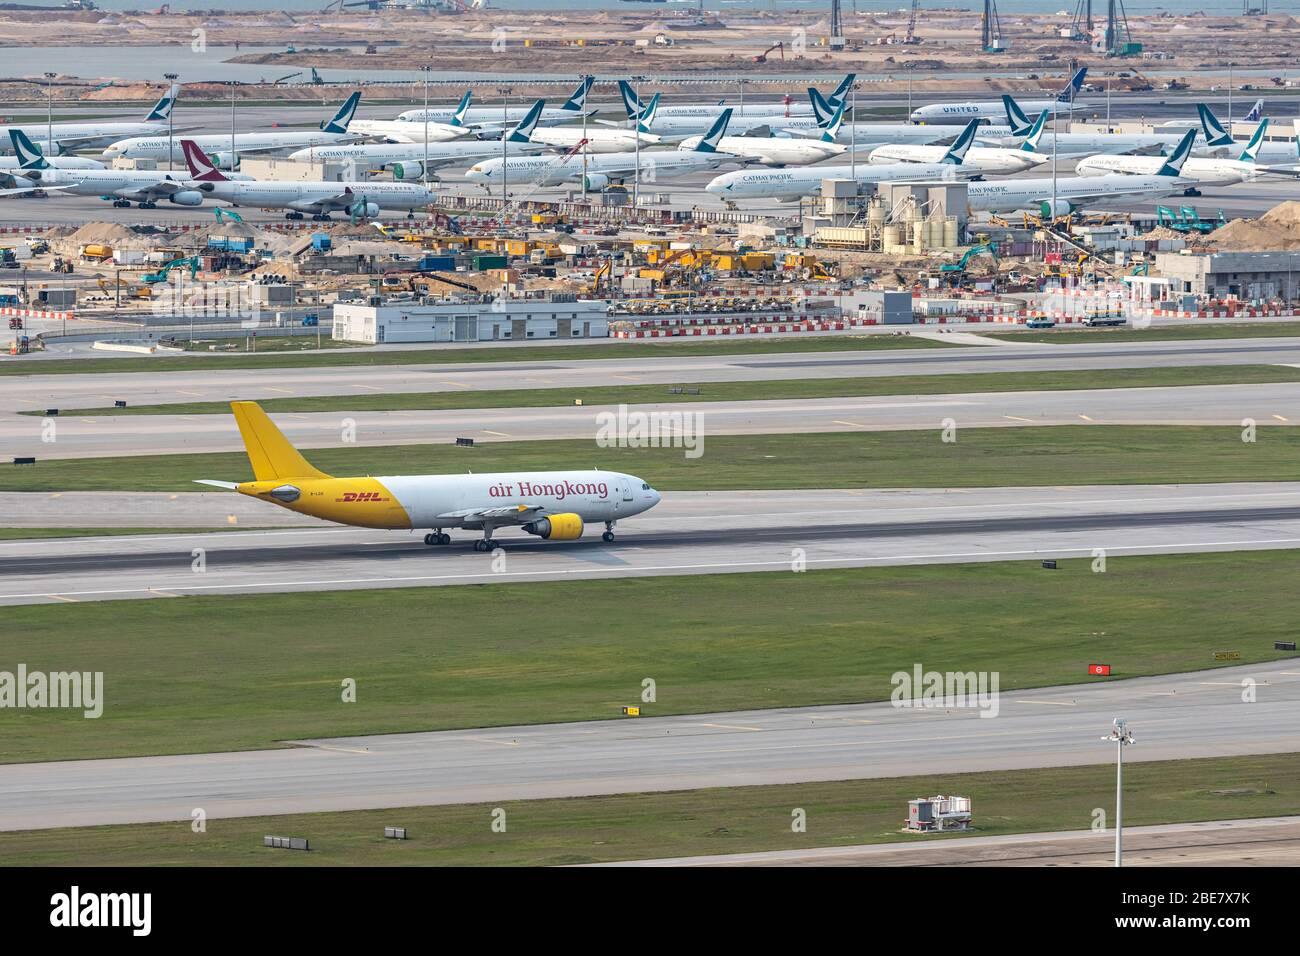 Lantau, Hong Kong - 10 de abril de 2020 : el avión de carga de Air Hong Kong está en funcionamiento para despegue en la pista, todo el espacio de estacionamiento está completamente ocupado debido a Foto de stock